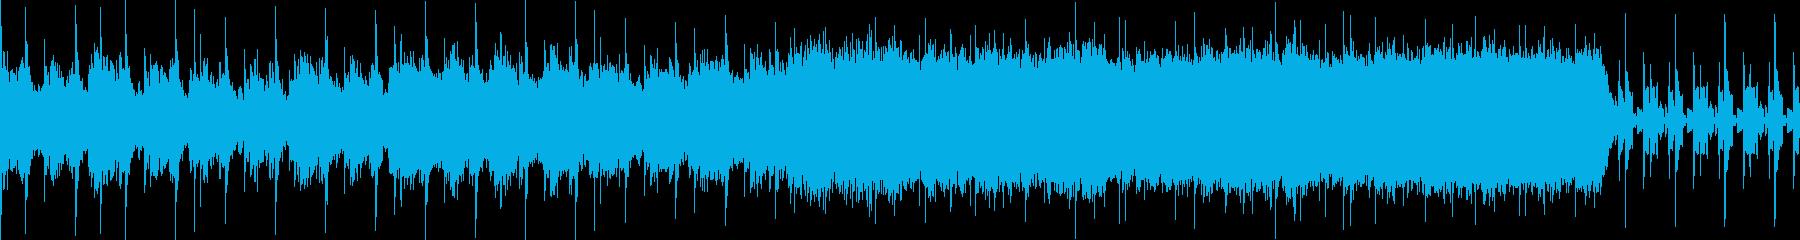 悪い予感を思わせるループ音源です。の再生済みの波形